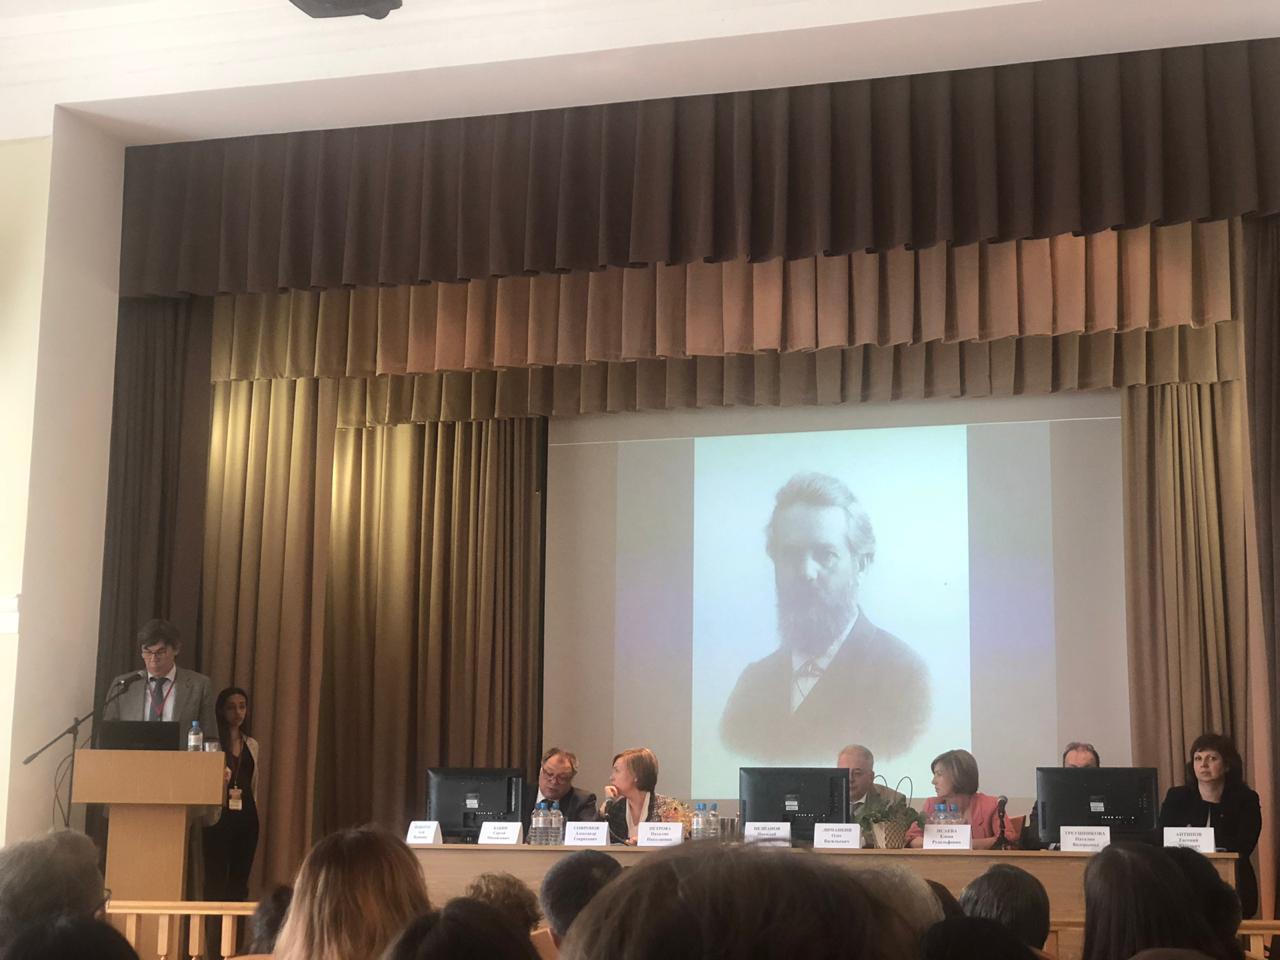 Медицинские психологи ПКБ №4 им. П.Б. Ганнушкина стали участниками VI Научно-практическая конференция с международным участием